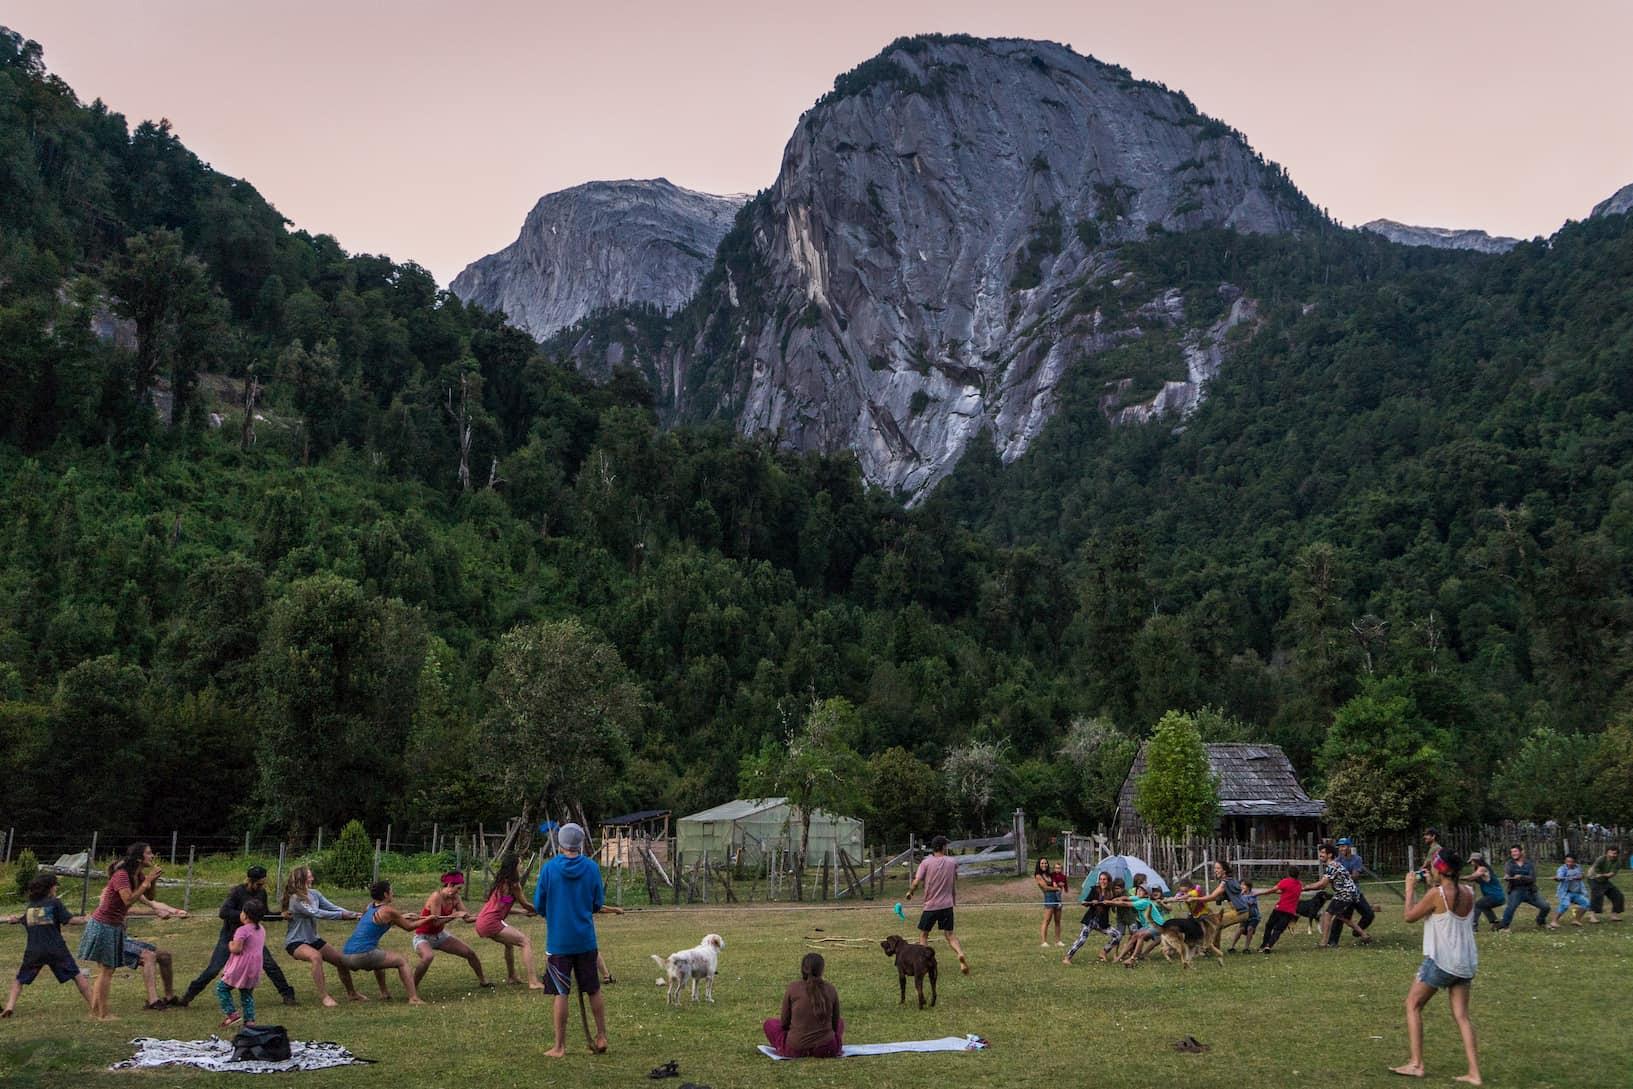 Se junta familias, niños, escaladores y excursionistas para un juego de tirar la cuerda en Camping La Junta.